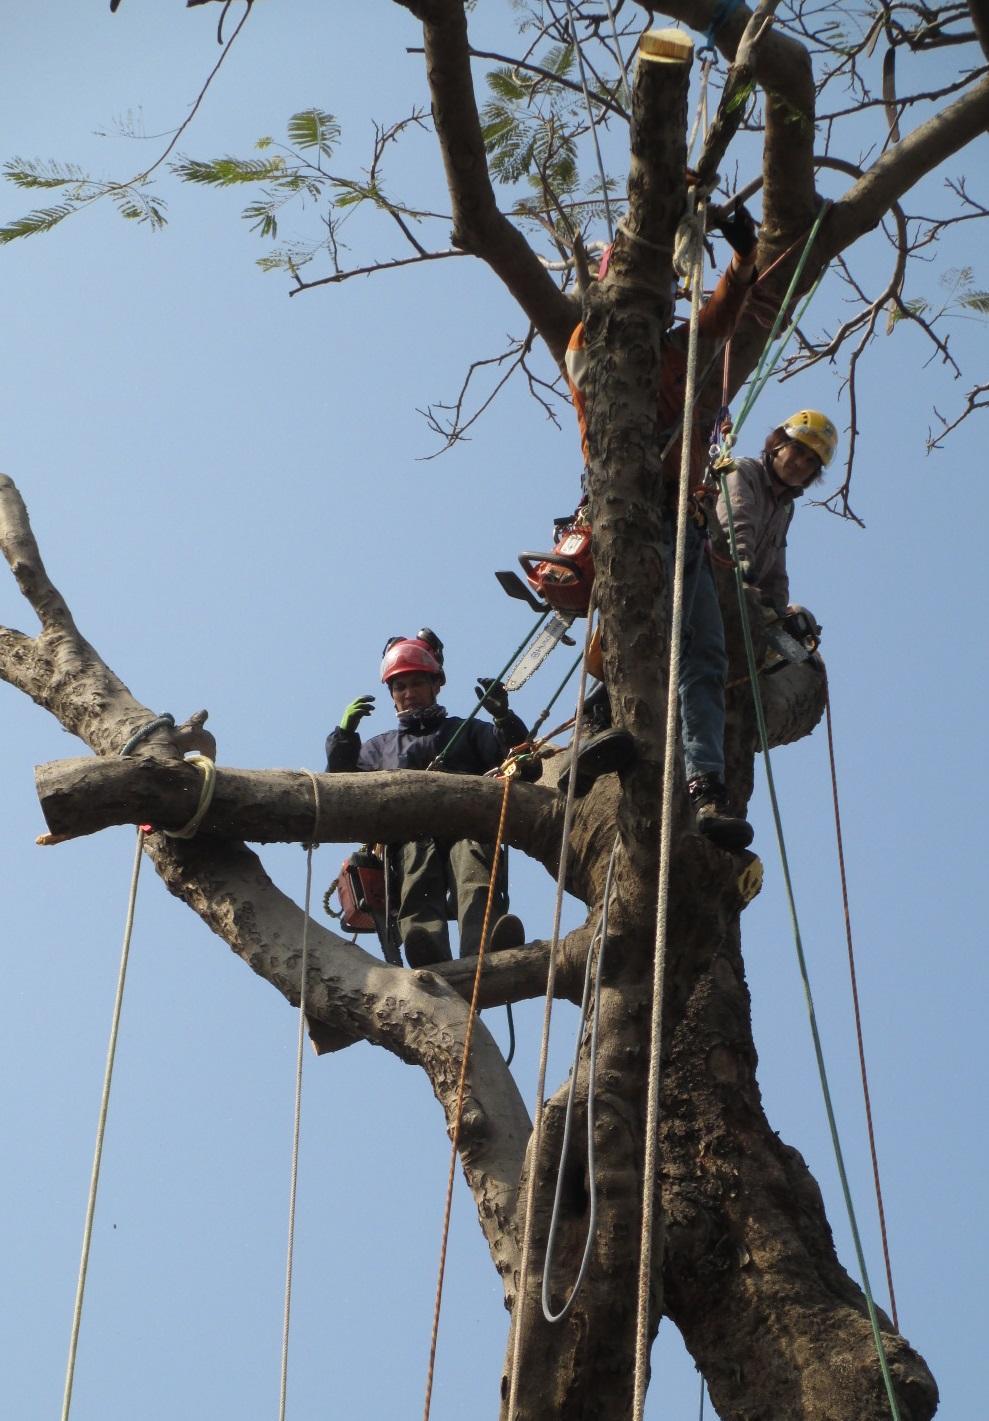 成為攀樹師的條件包括:不畏高、不怕離心力,以及擁有良好的體能。(圖由香港樹木學會提供)